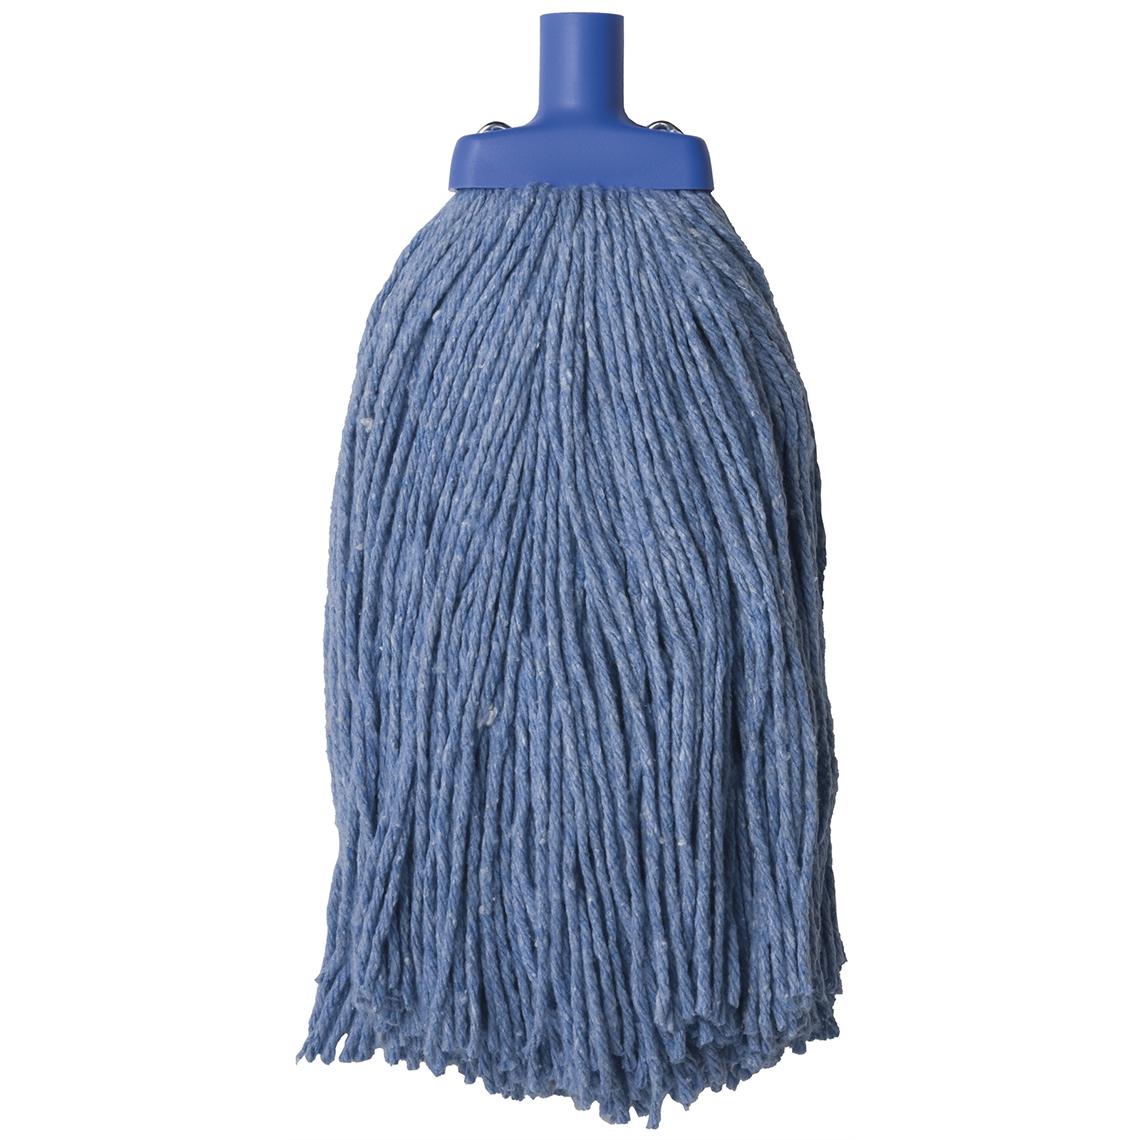 Duraclean Mop Head - 400gm - Blue